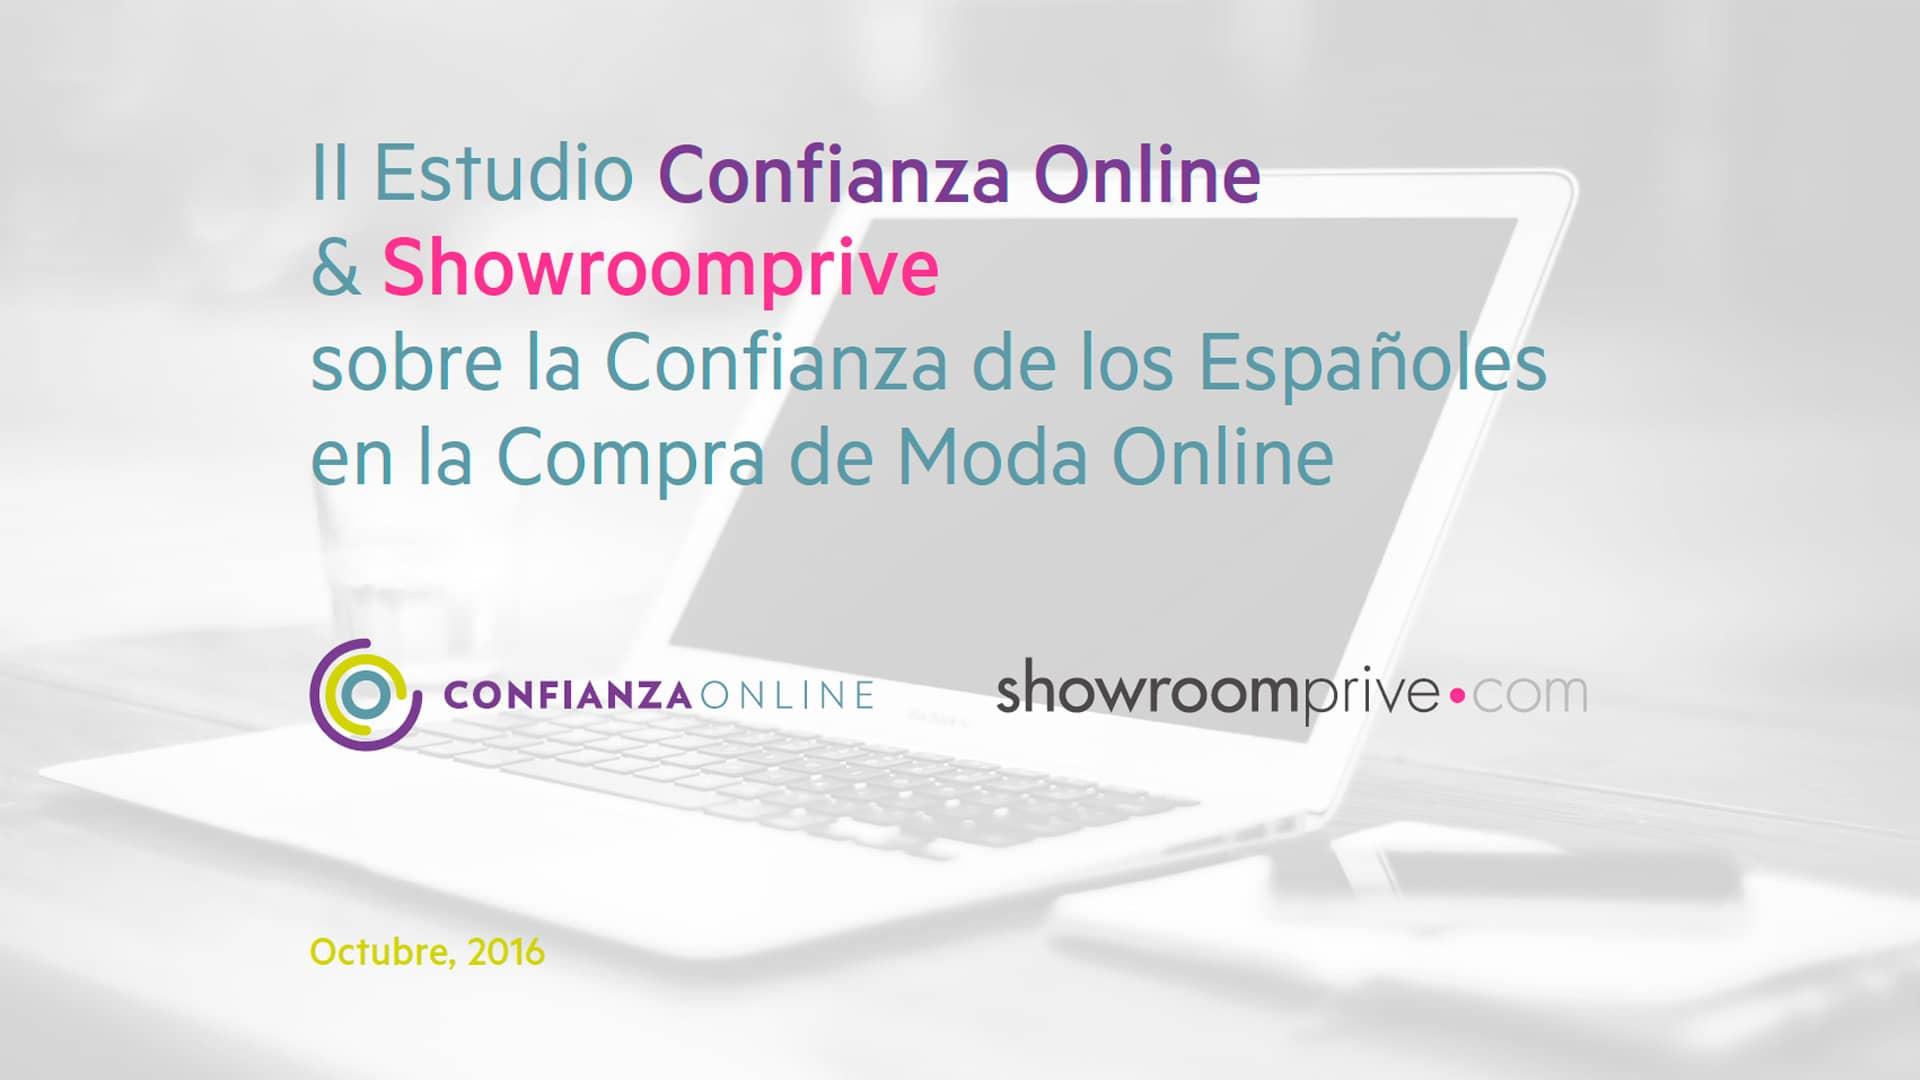 II Estudio sobre la Confianza de los Españoles en compras online